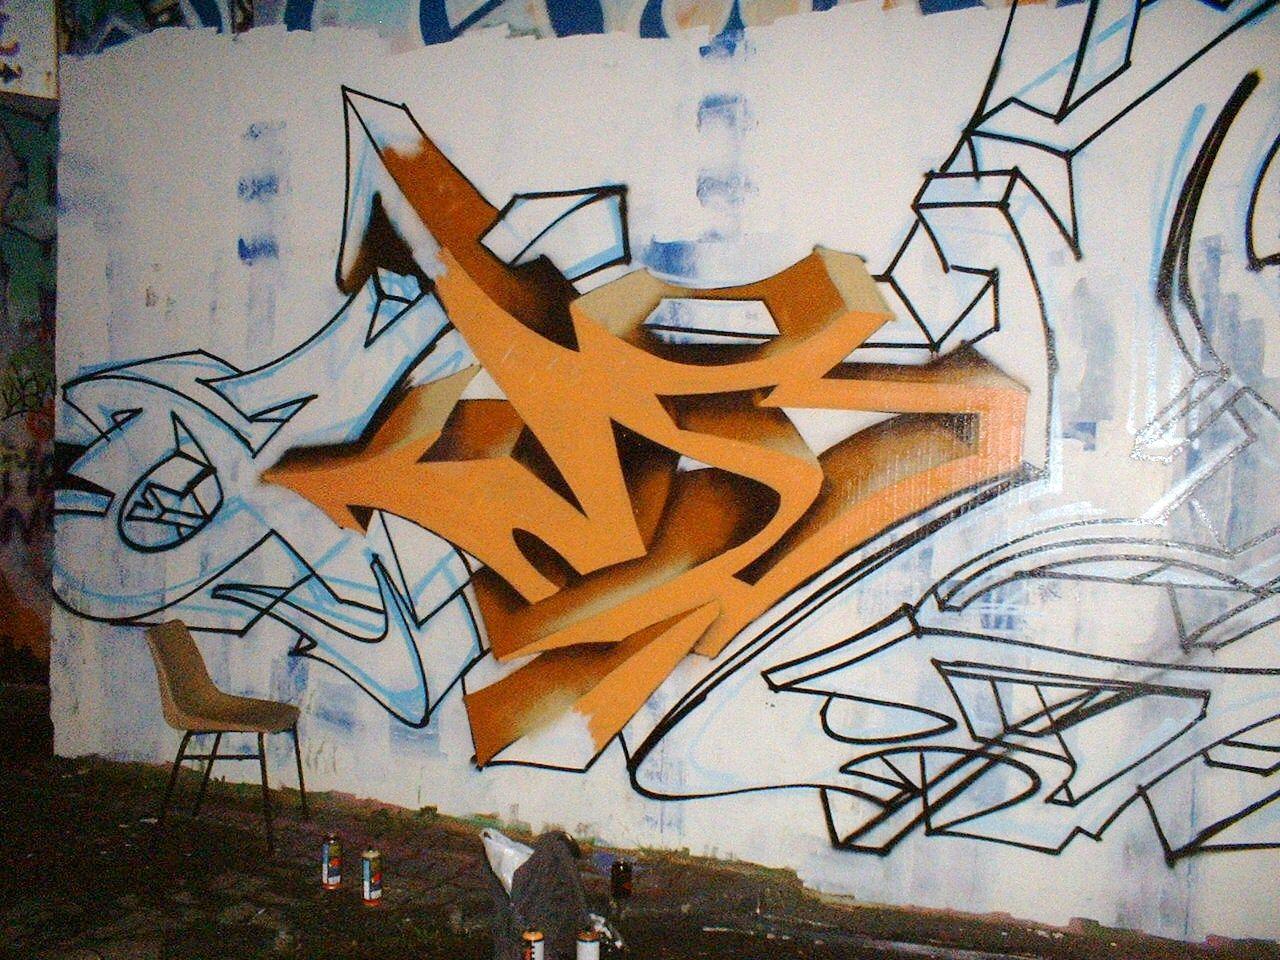 3d graffiti art 3d graffiti